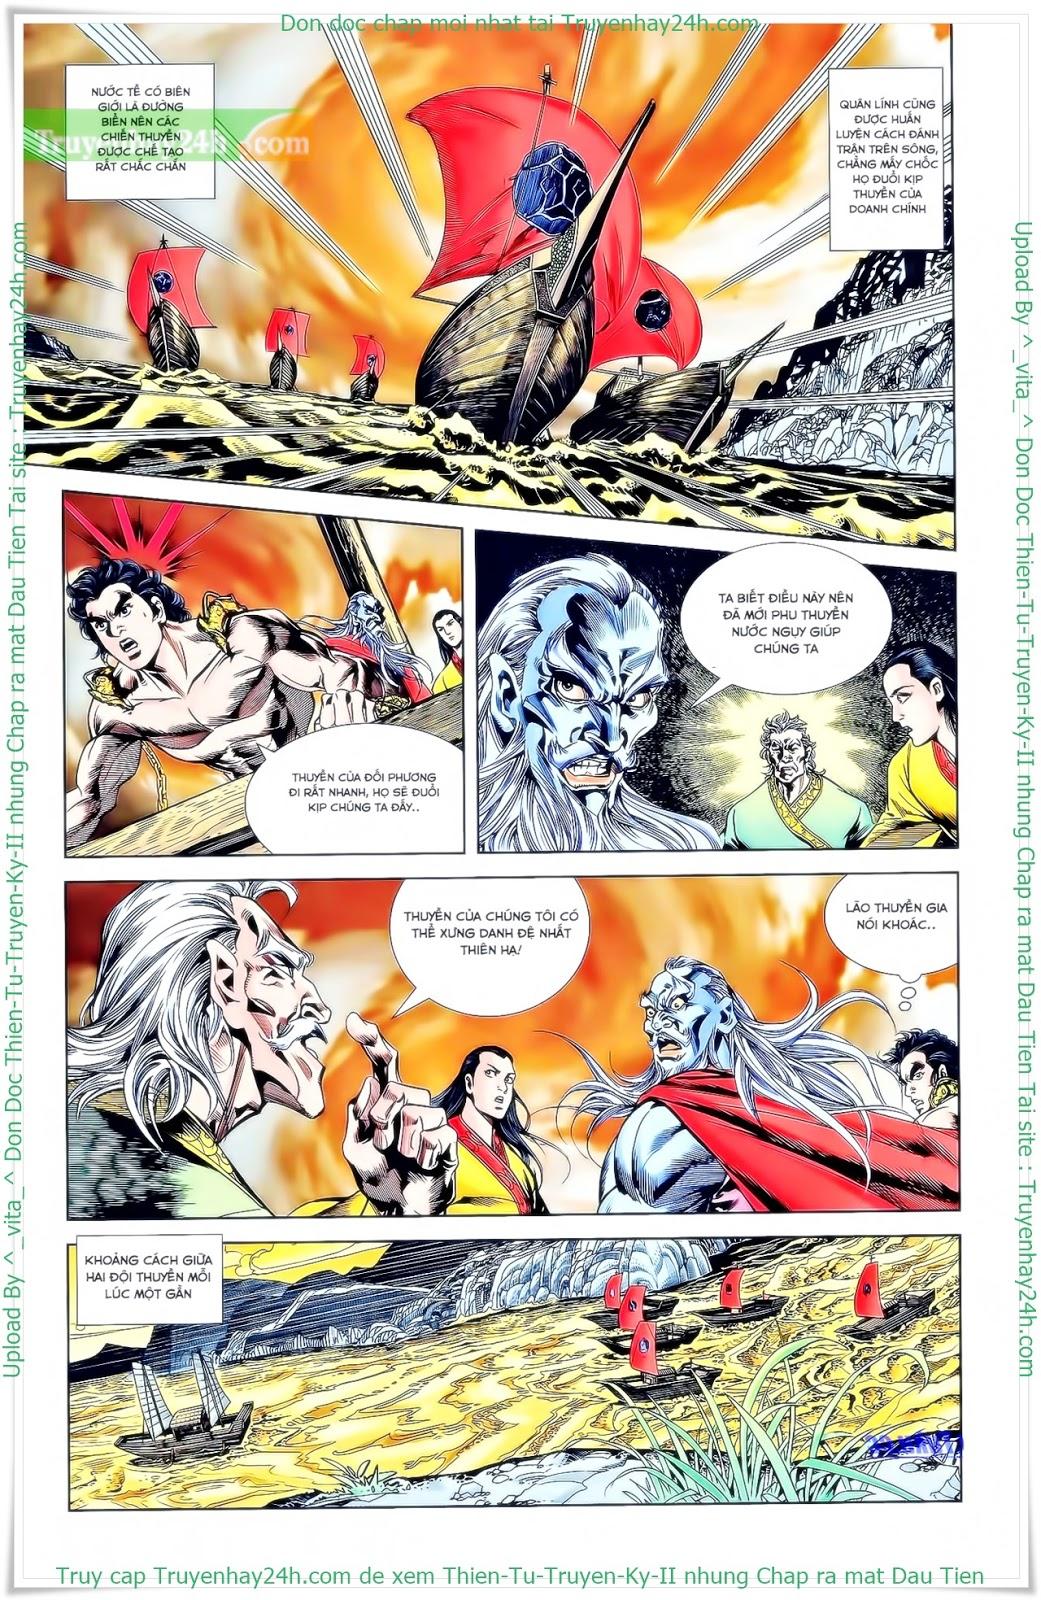 Tần Vương Doanh Chính chapter 27 trang 3